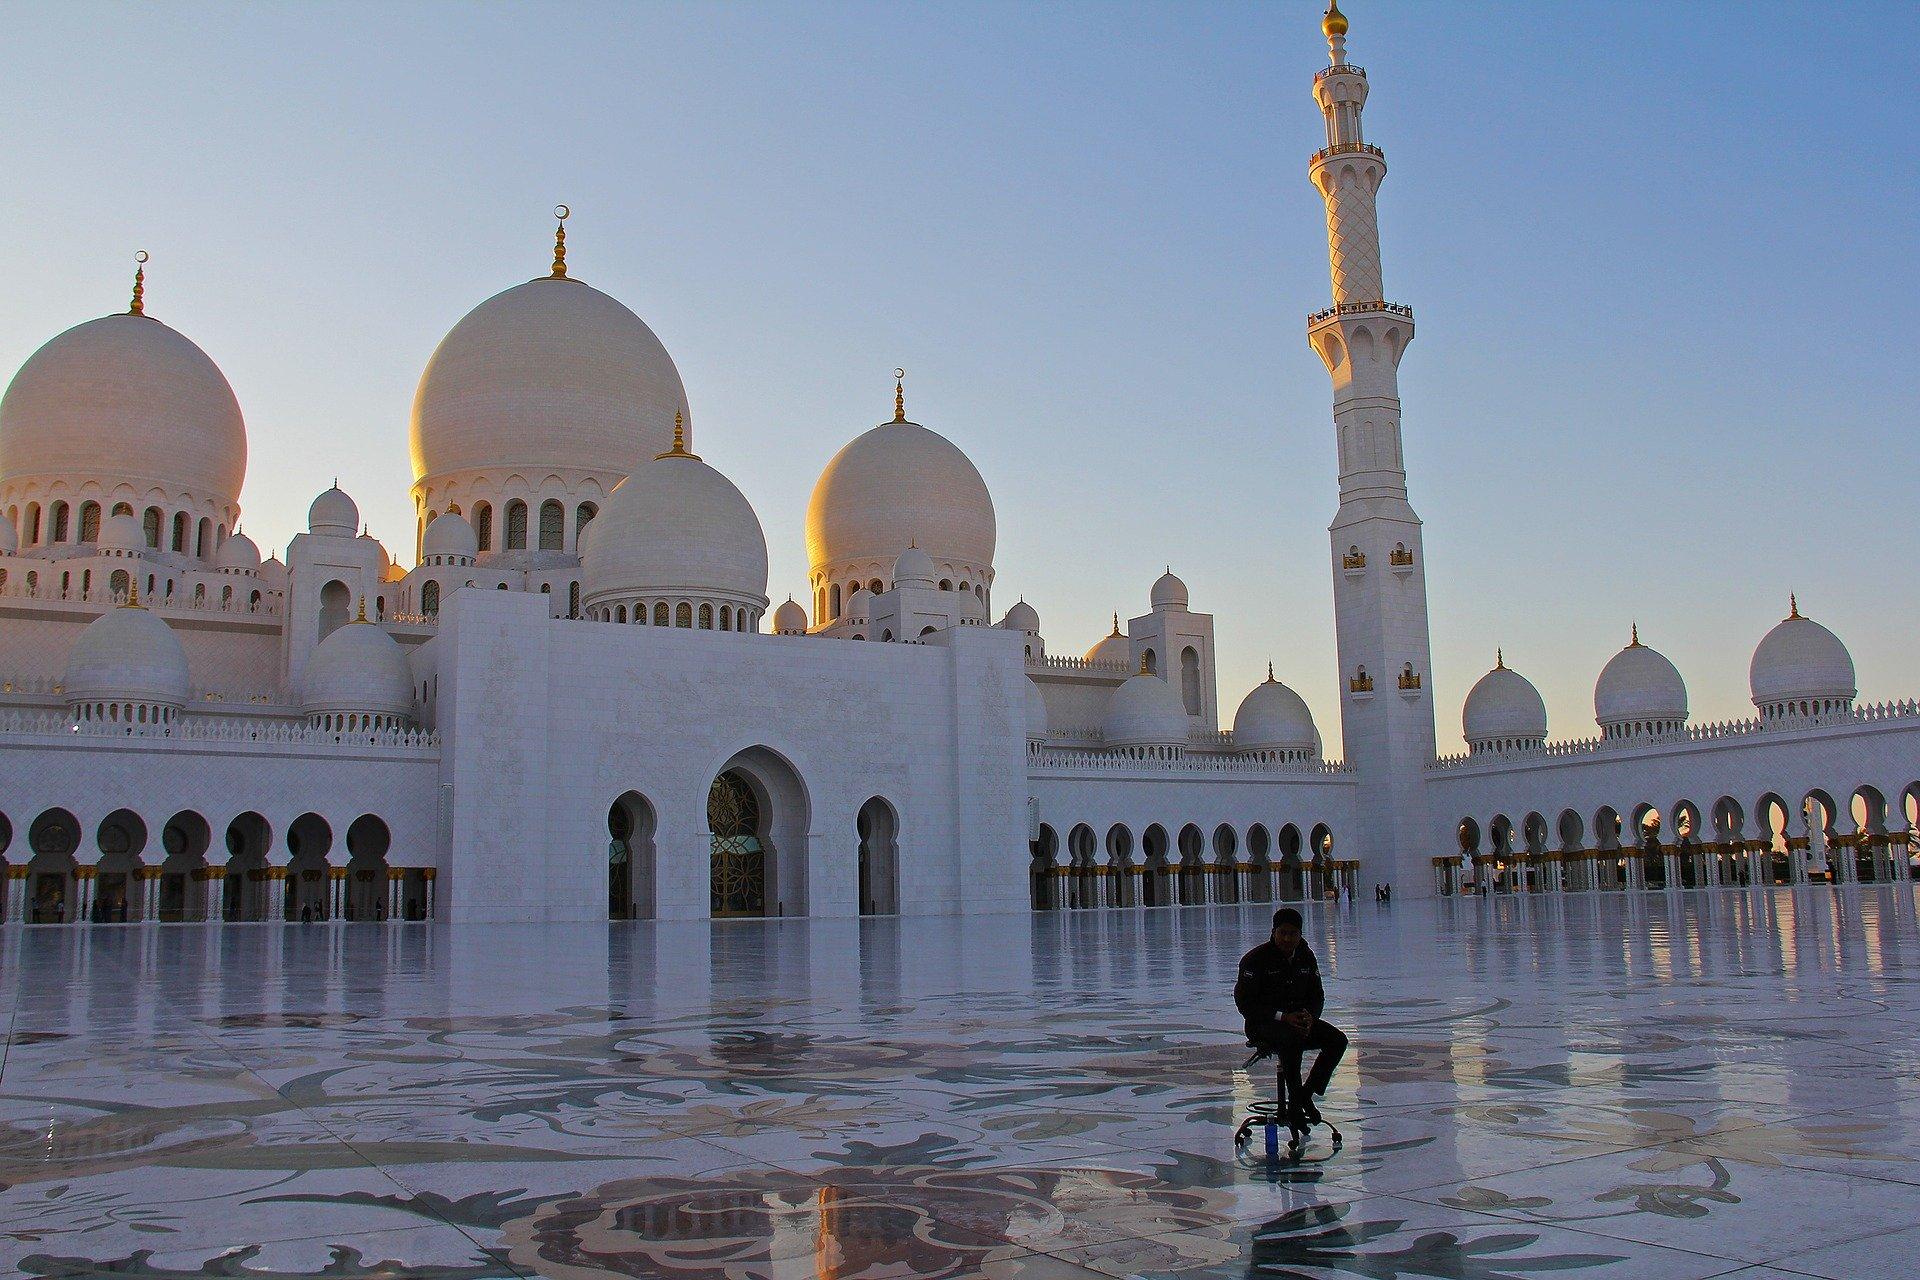 静かなるイスラム革命:マドハリ学派の……野望?